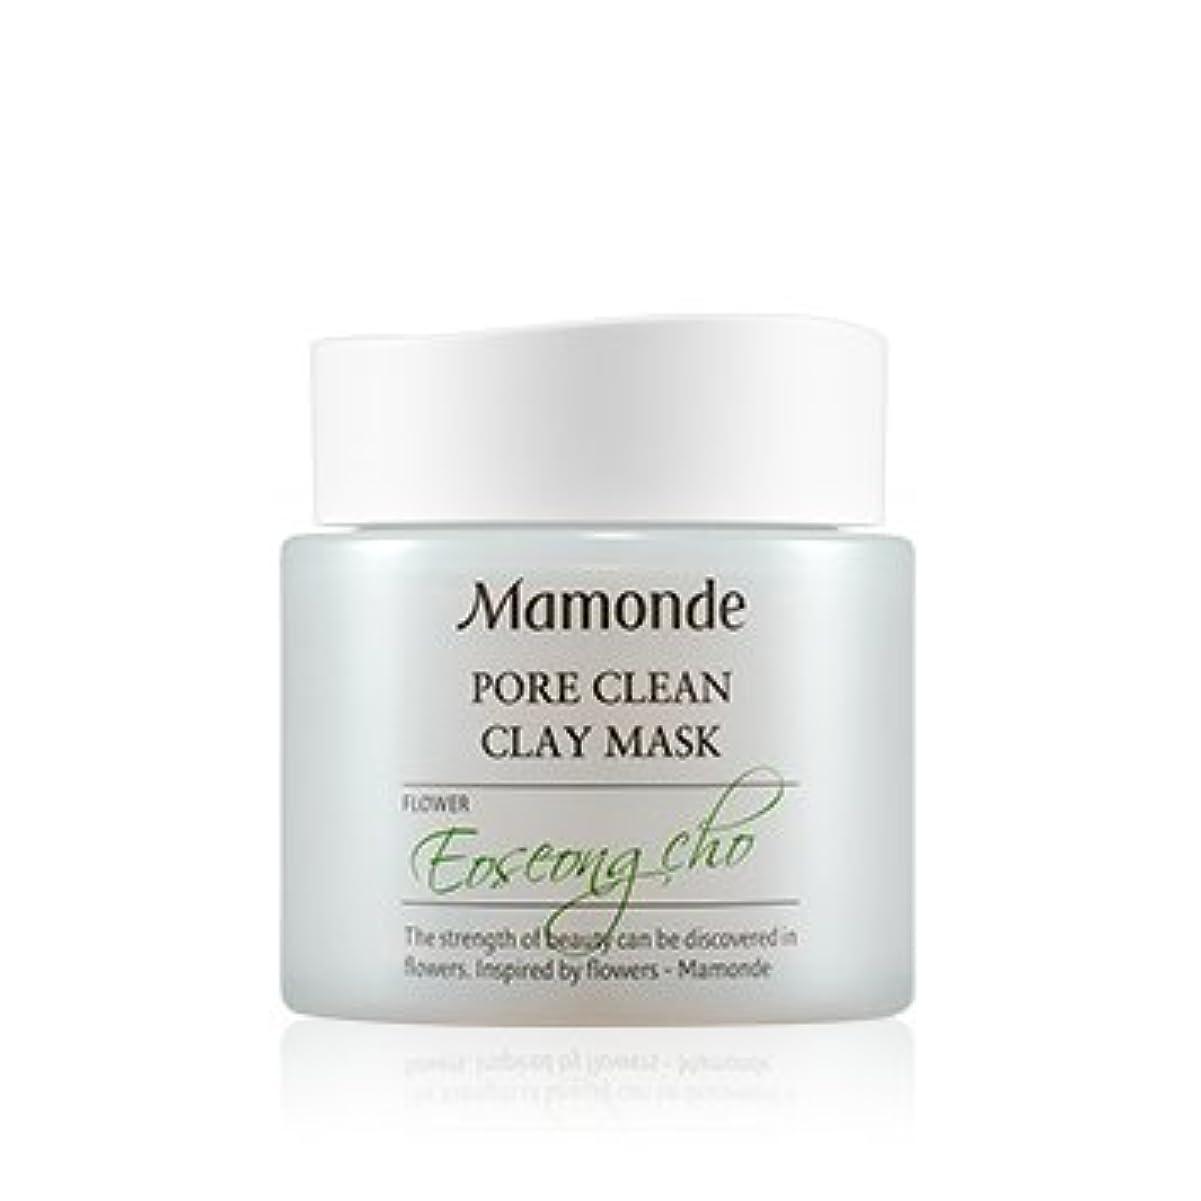 パスペニー韻[New] Mamonde Pore Clean Clay Mask 100ml/マモンド ポア クリーン クレイ マスク 100ml [並行輸入品]